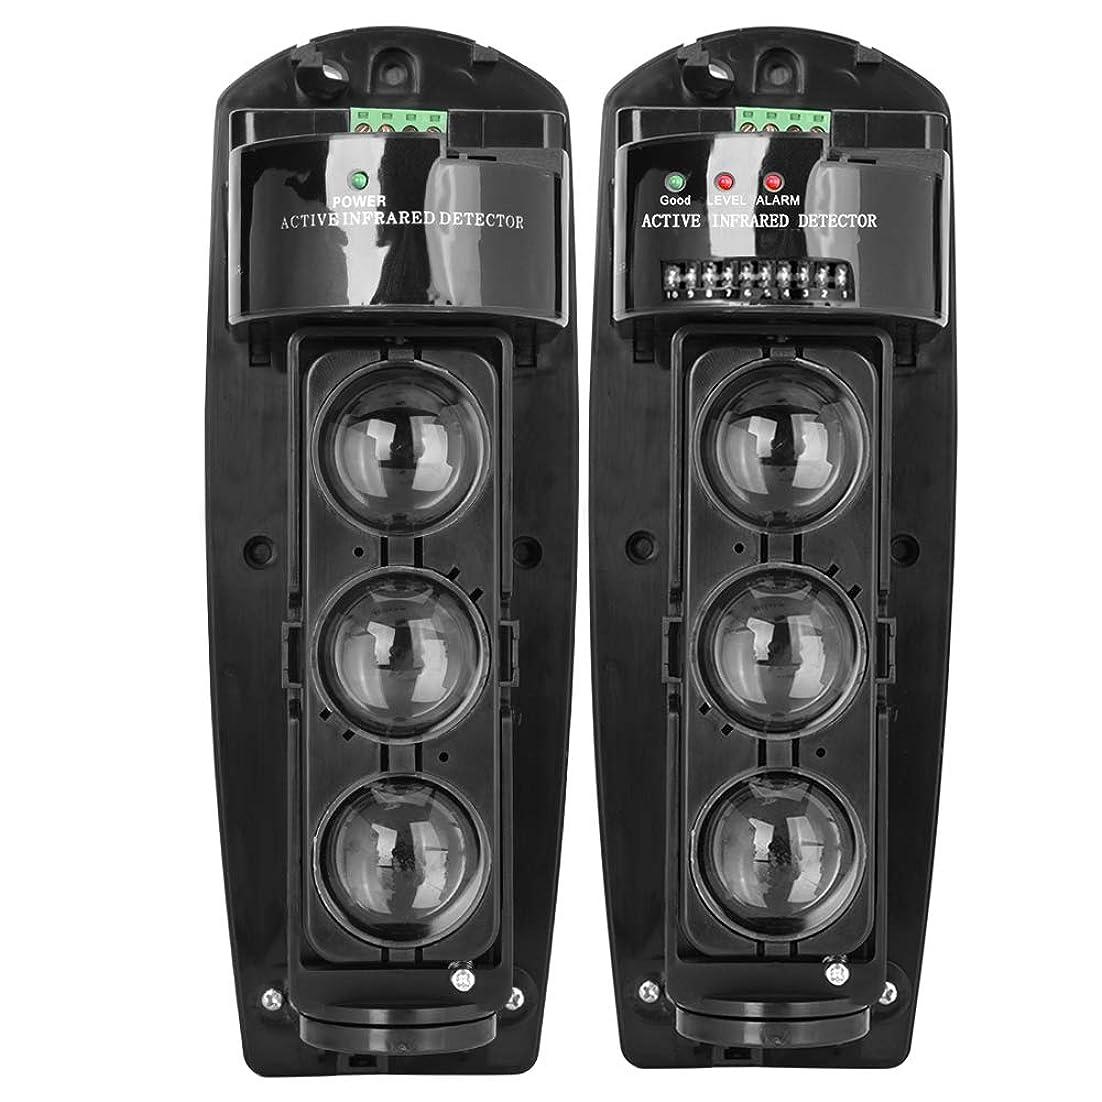 誘惑するディスコバインド光電赤外線導探知器 セキュリティシステム モーション探知器 ホームセキュリティー警報赤外線探知器 センサー 防水三重のビーム警報(4^)